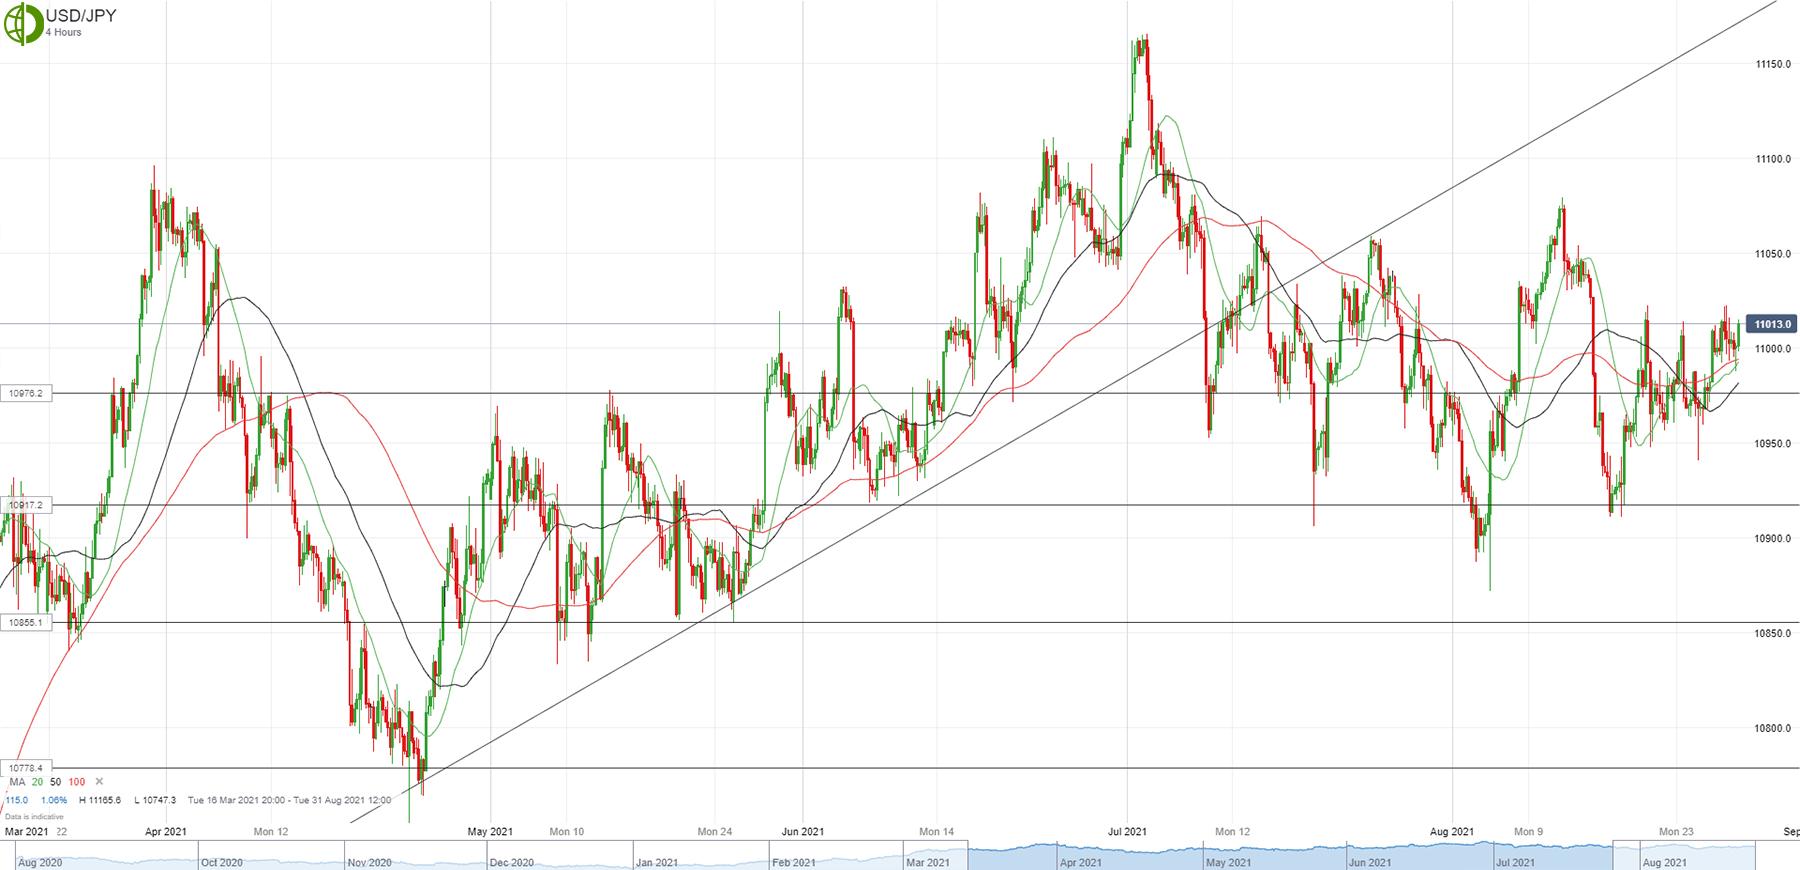 Спрос на доллар/йену сохраняется